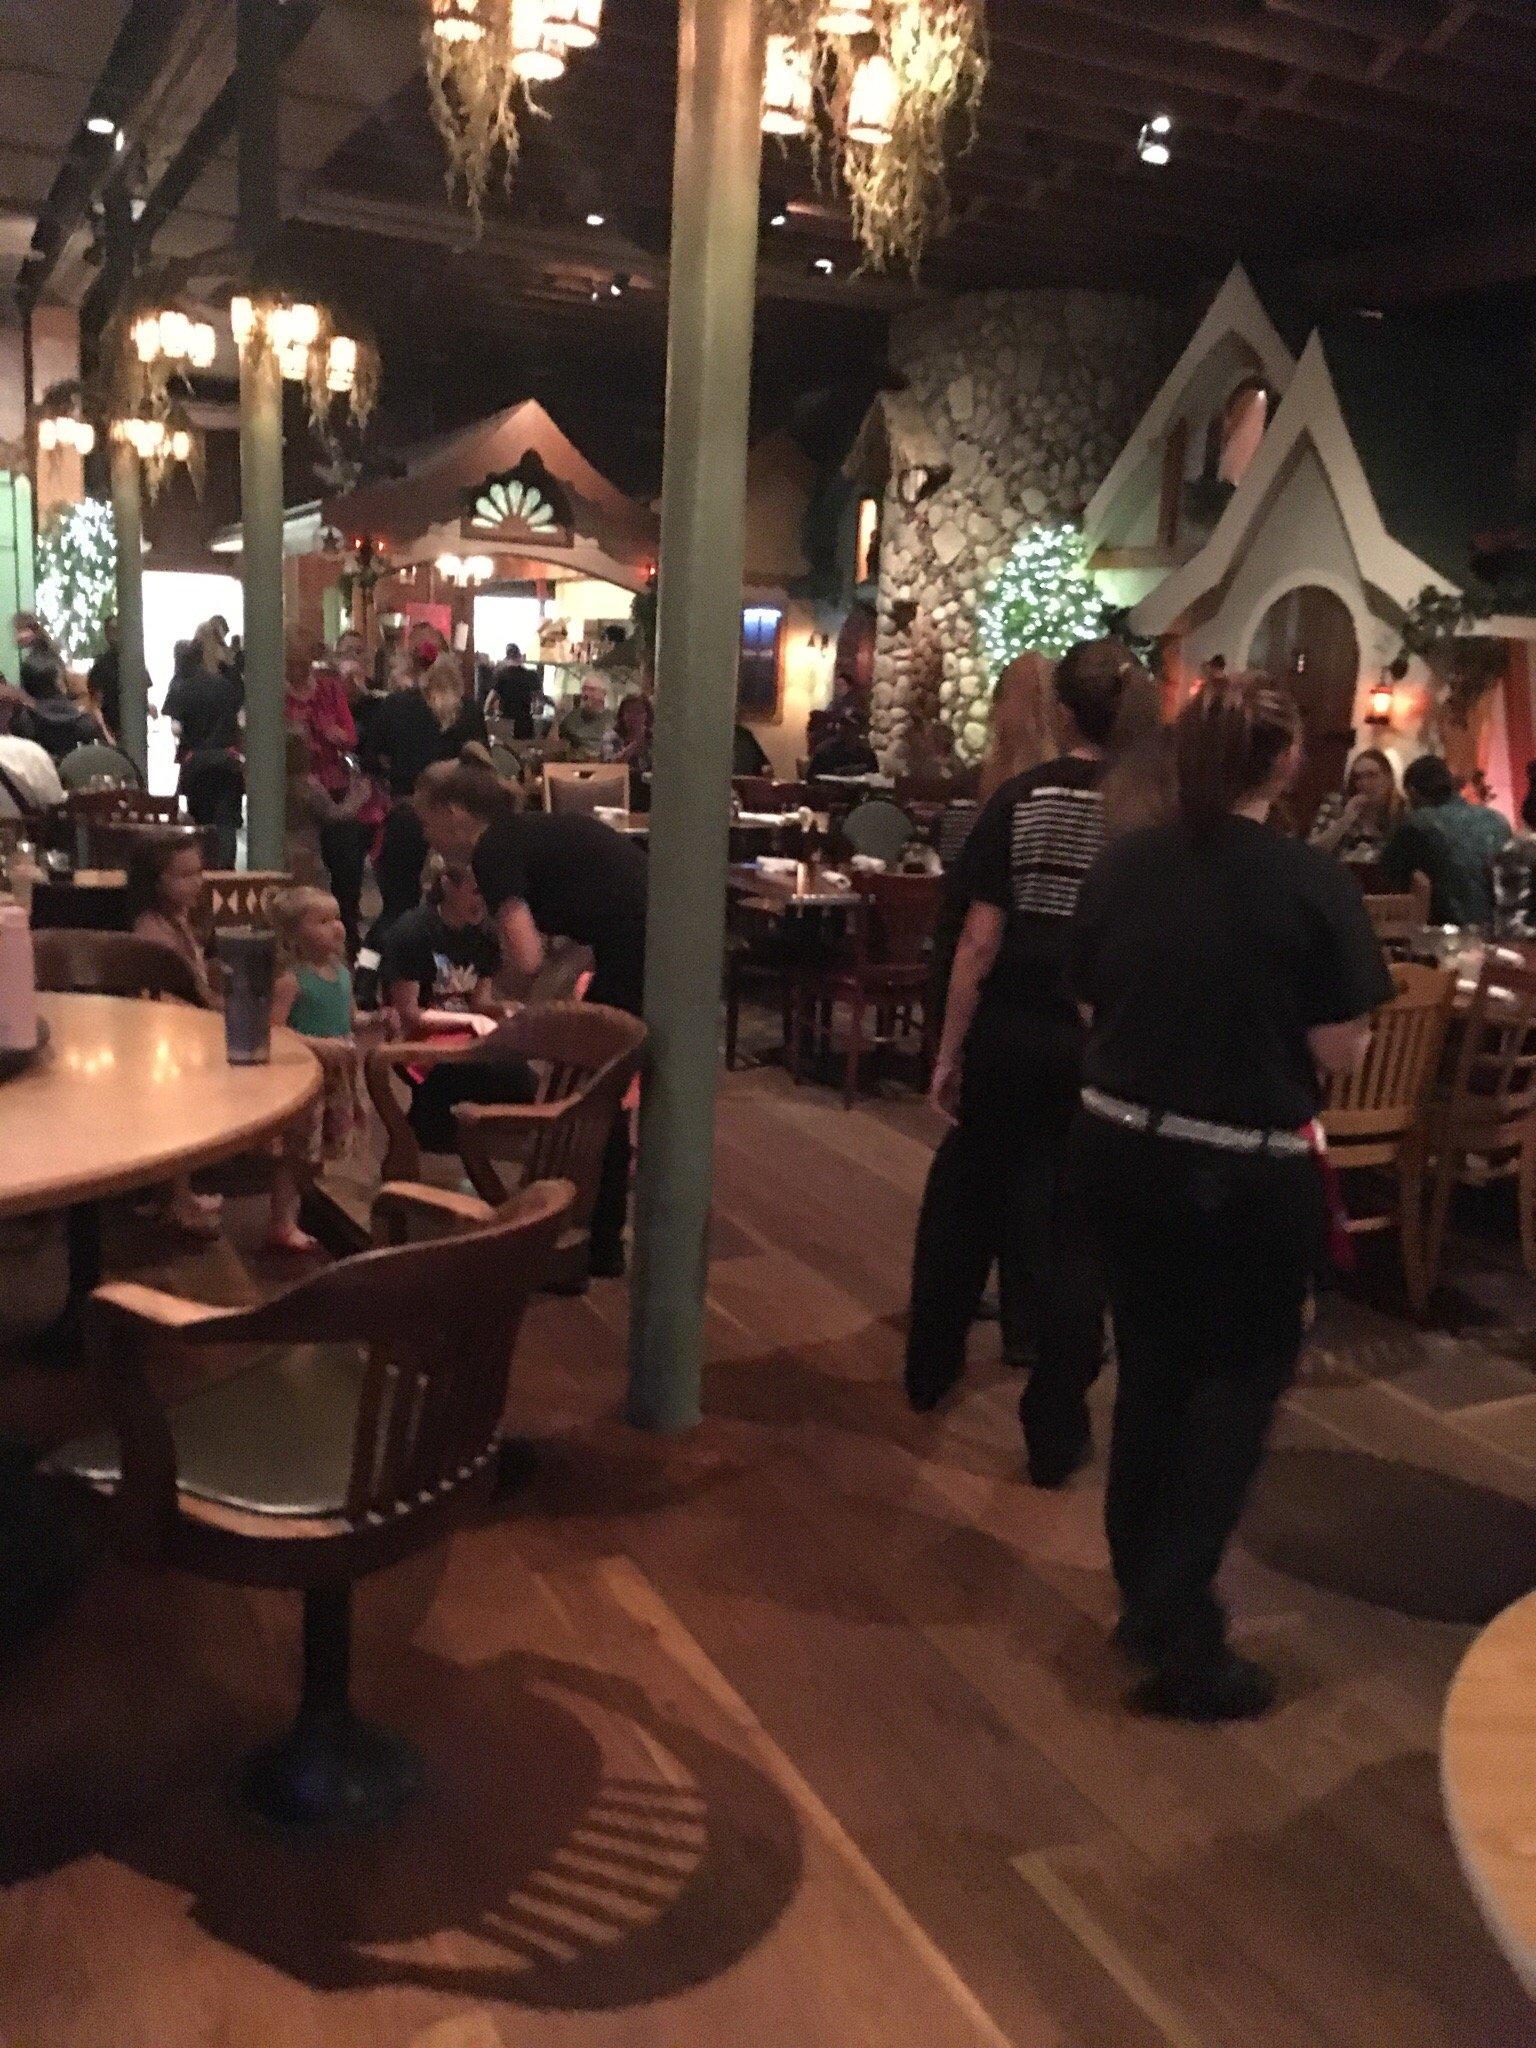 Inside the restaurant , The Hokey Pokey, by the waitresses.